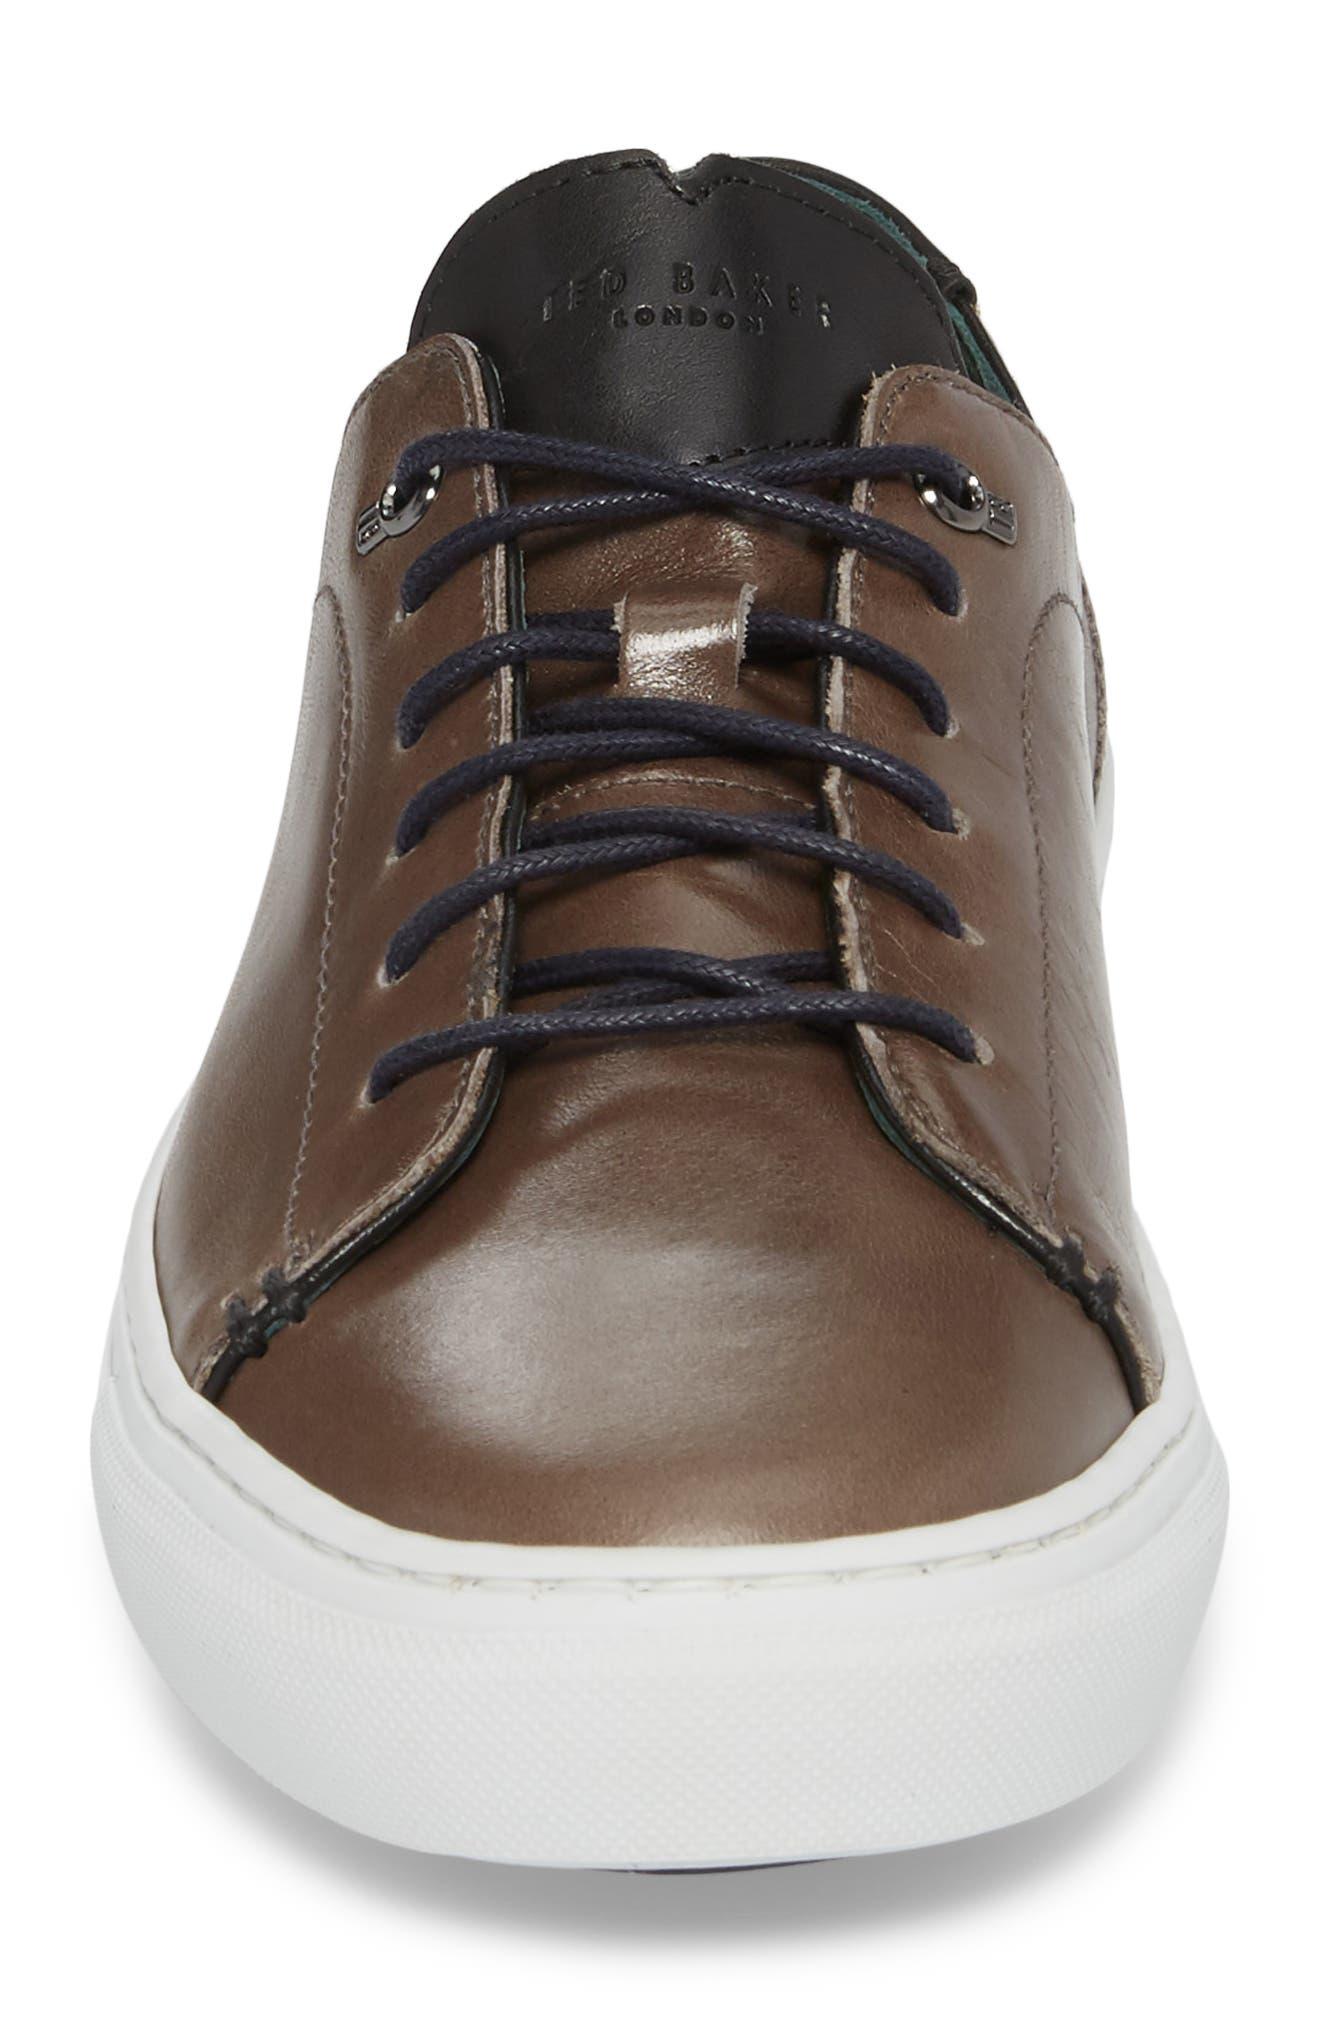 Duuke 2 Sneaker,                             Alternate thumbnail 4, color,                             028